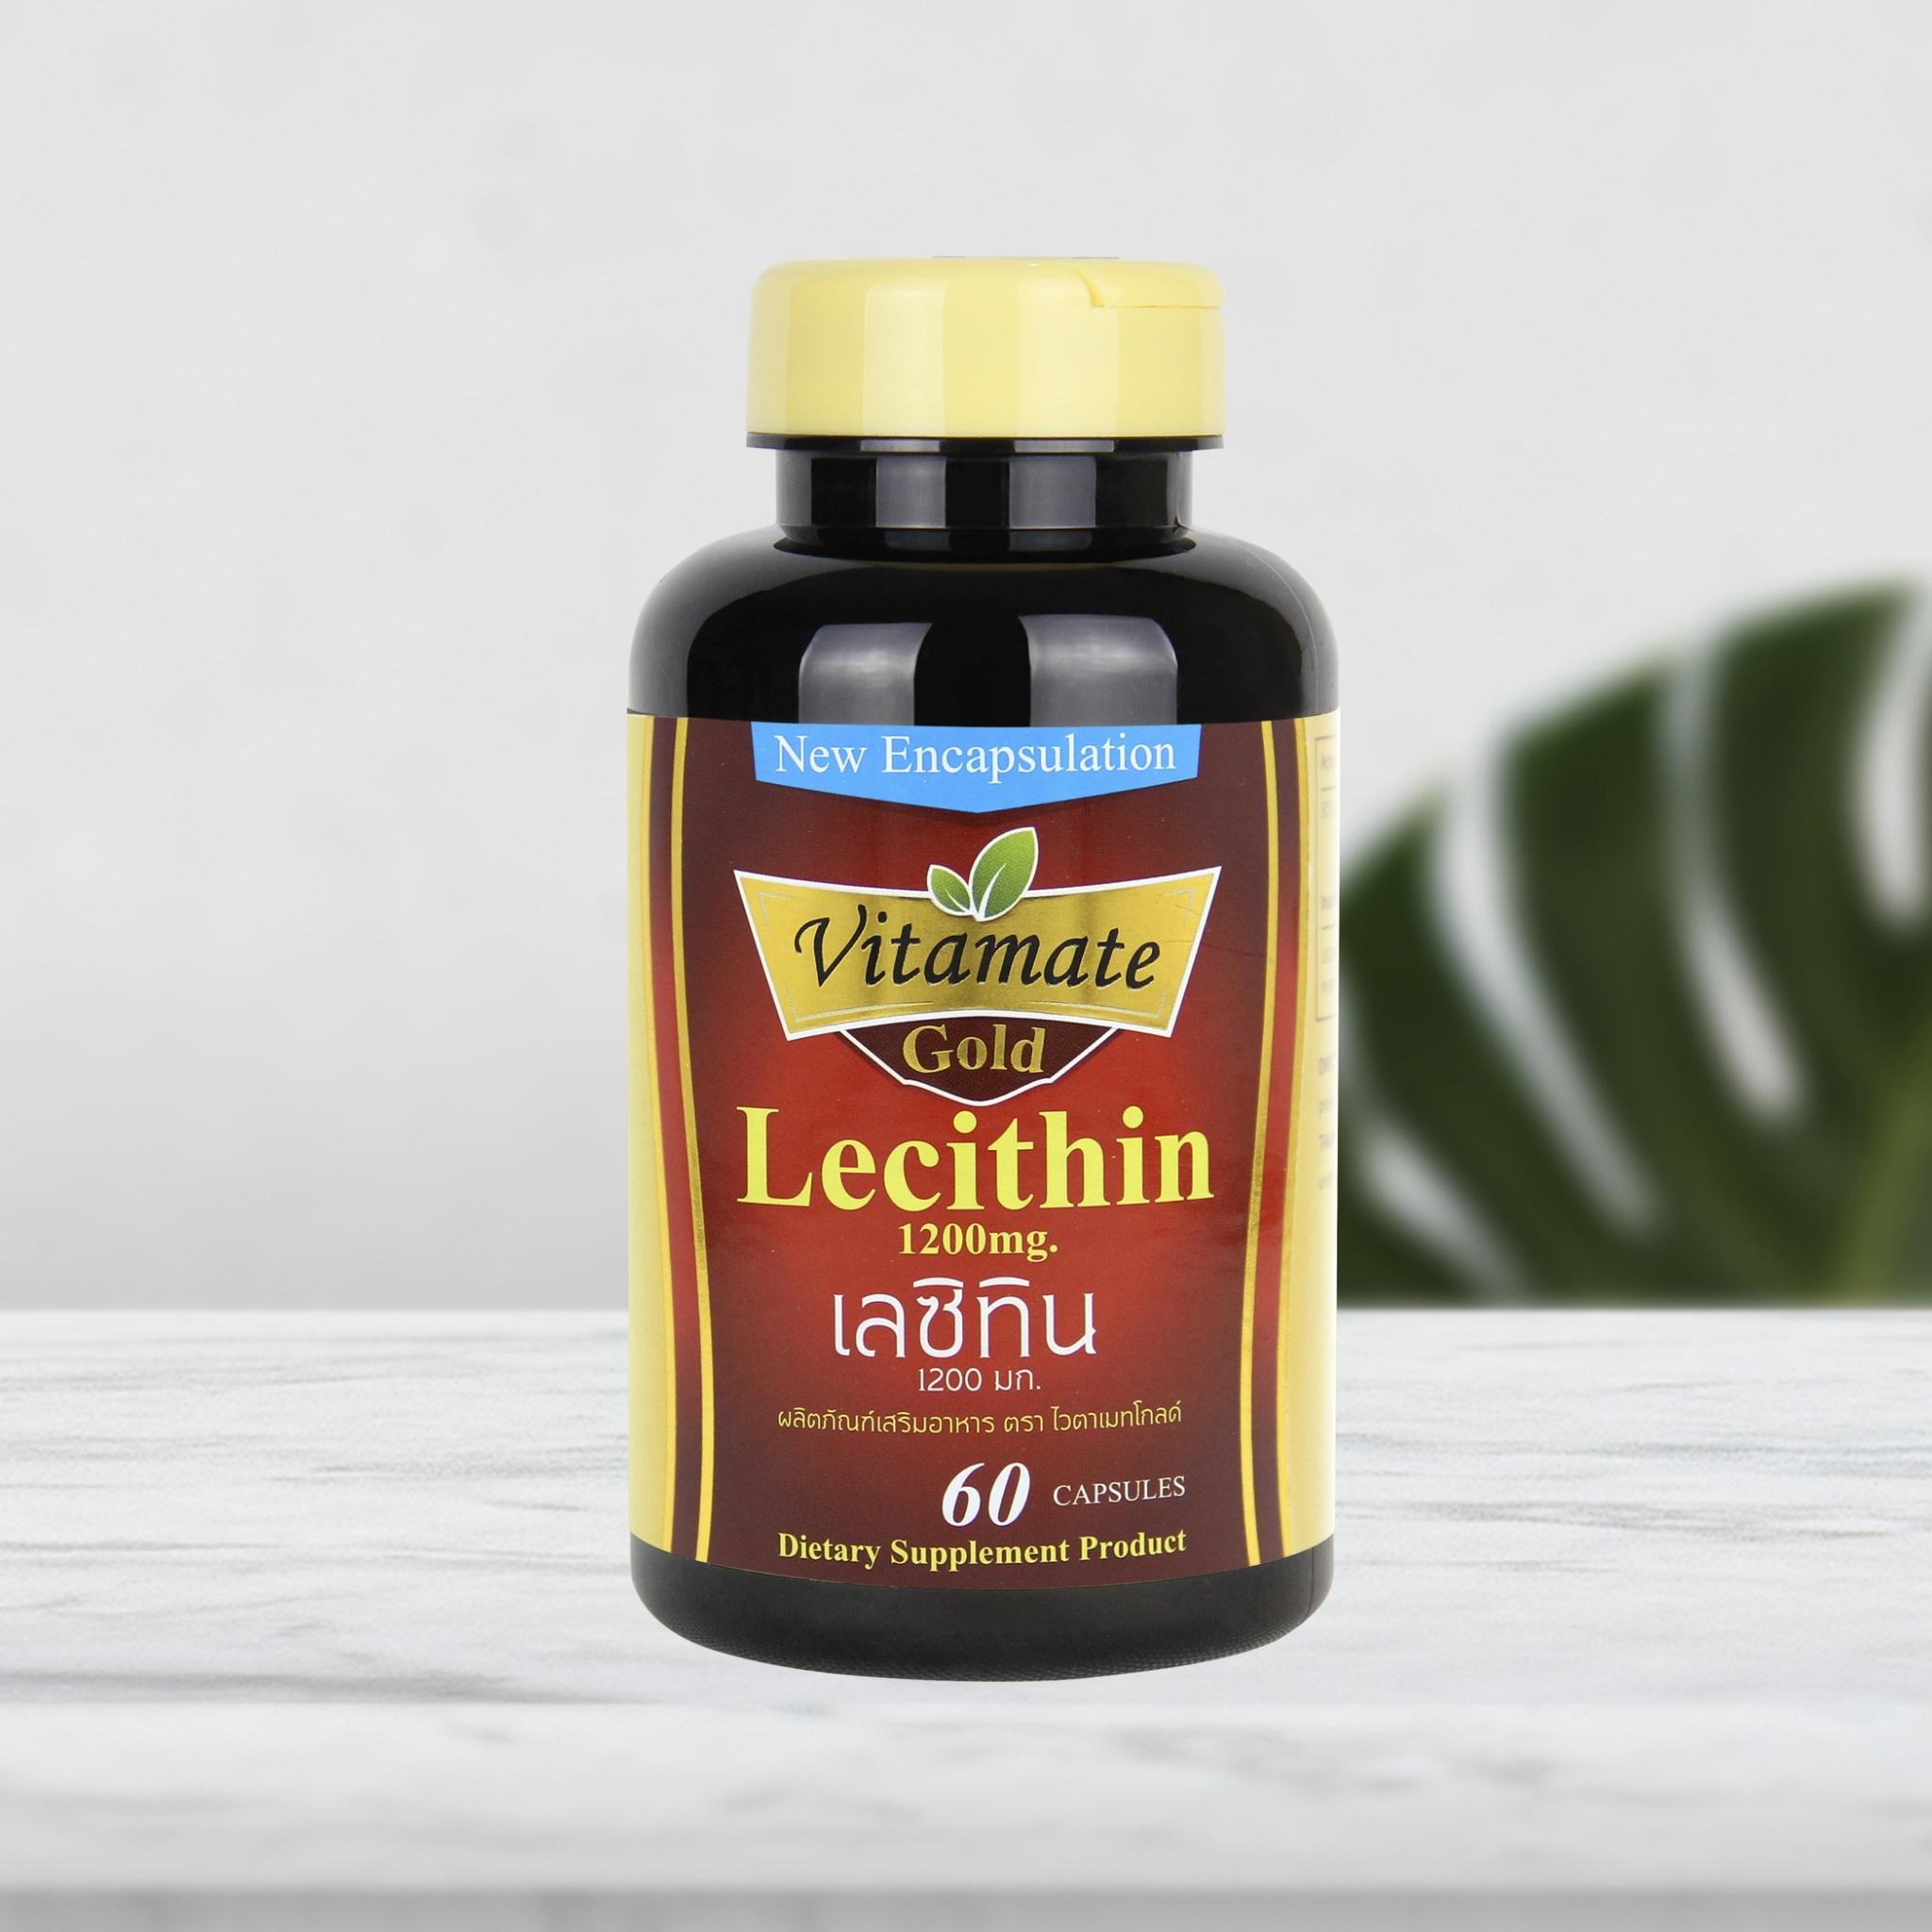 Vitamate Gold Lecithin 1200 mg.